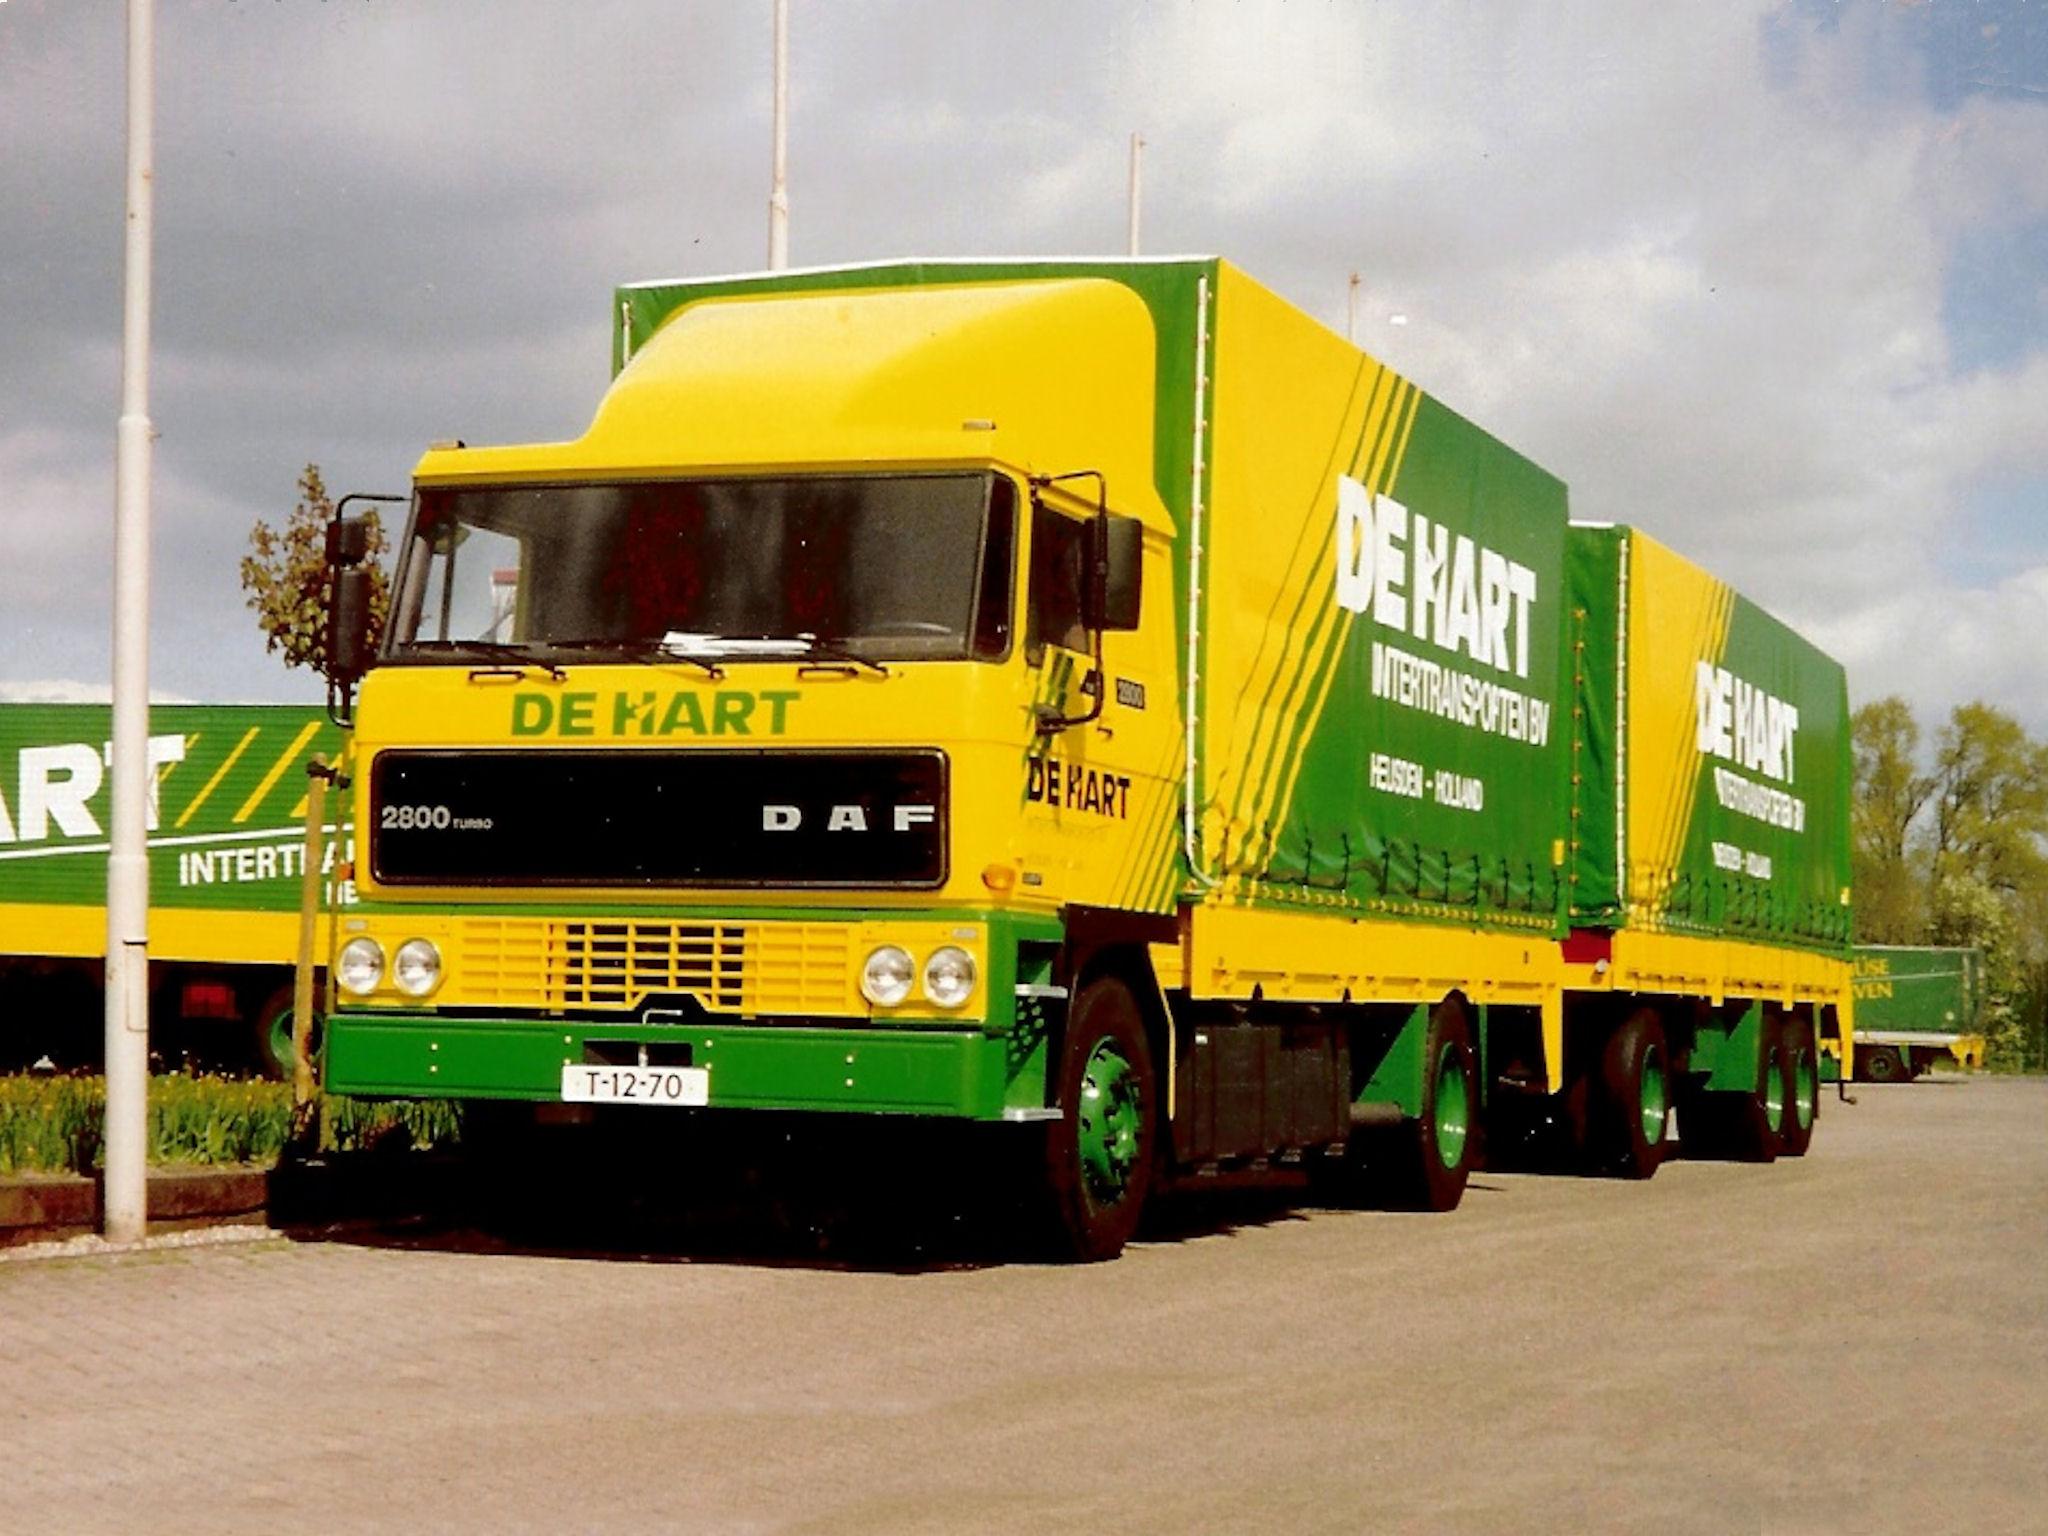 DAF-2800-Nieuw--John-van-Andel-archief